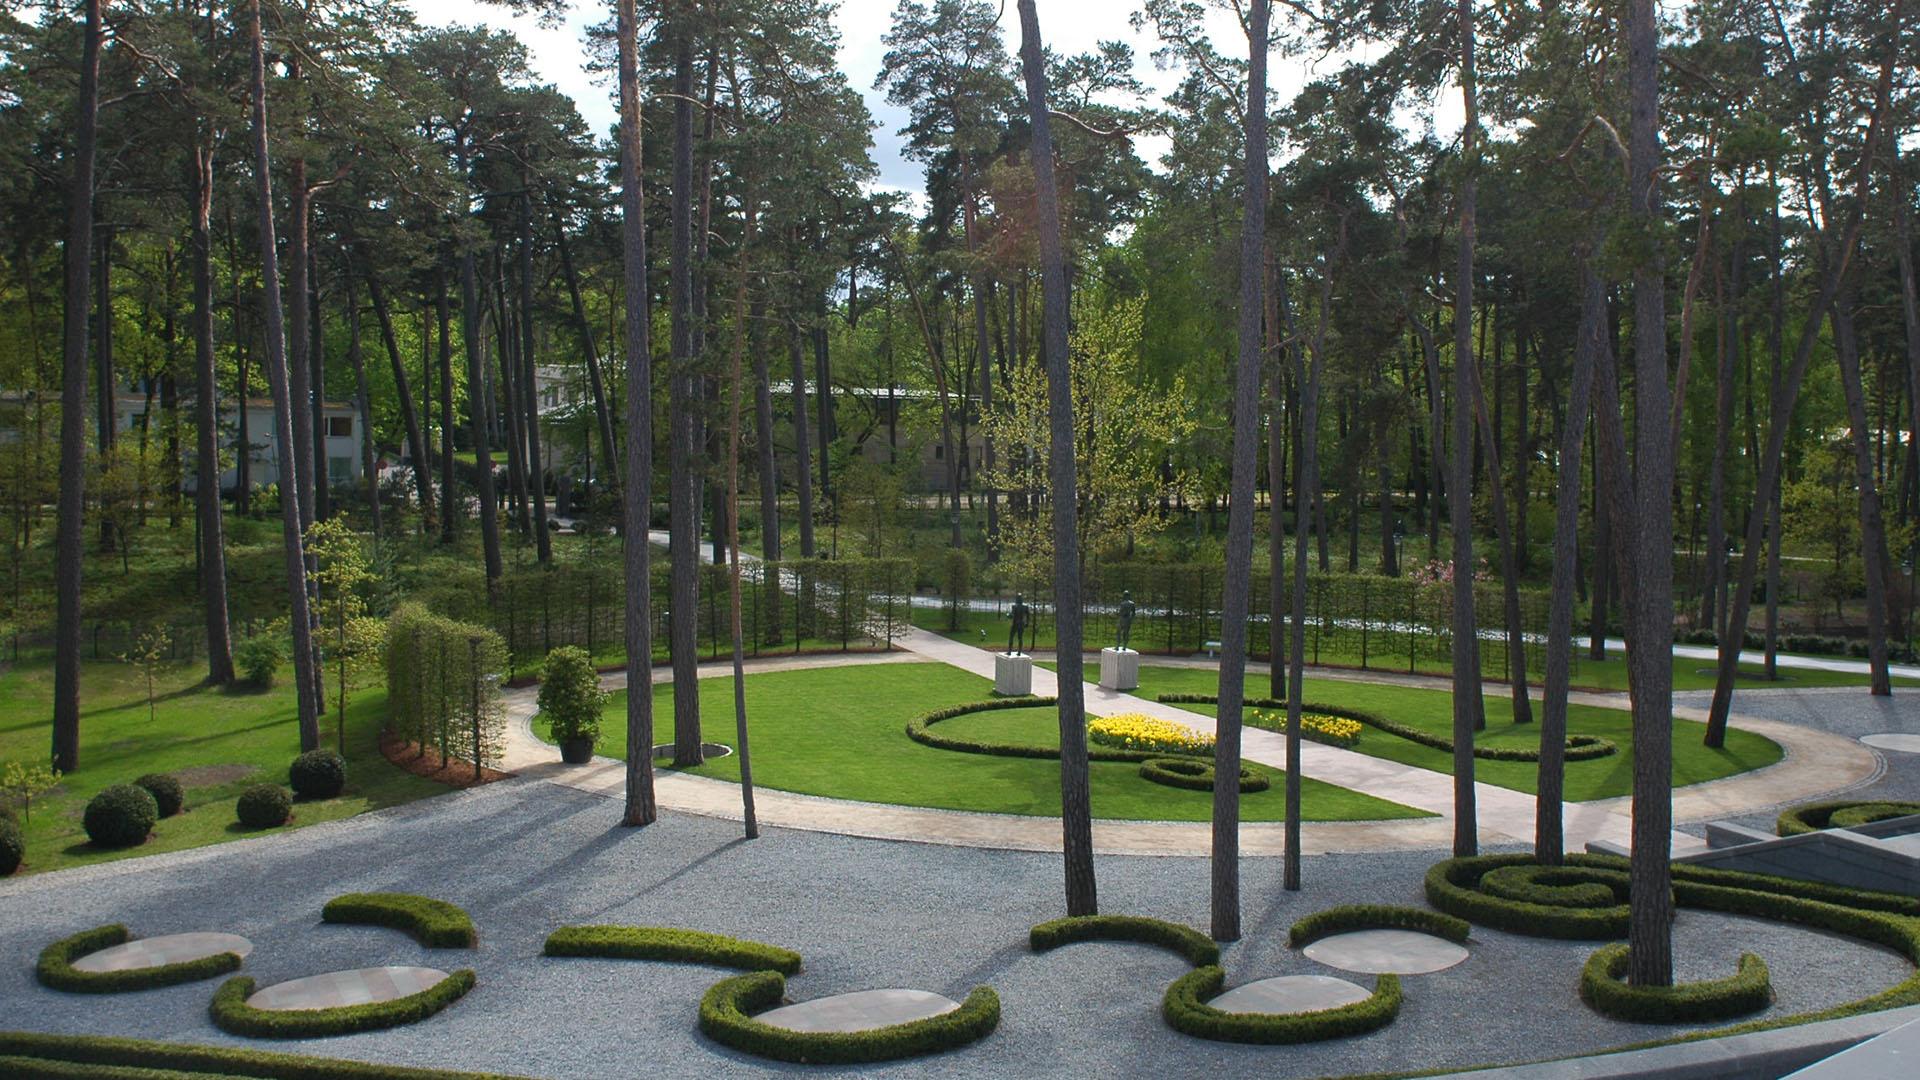 Coe Design Landscape Architecture